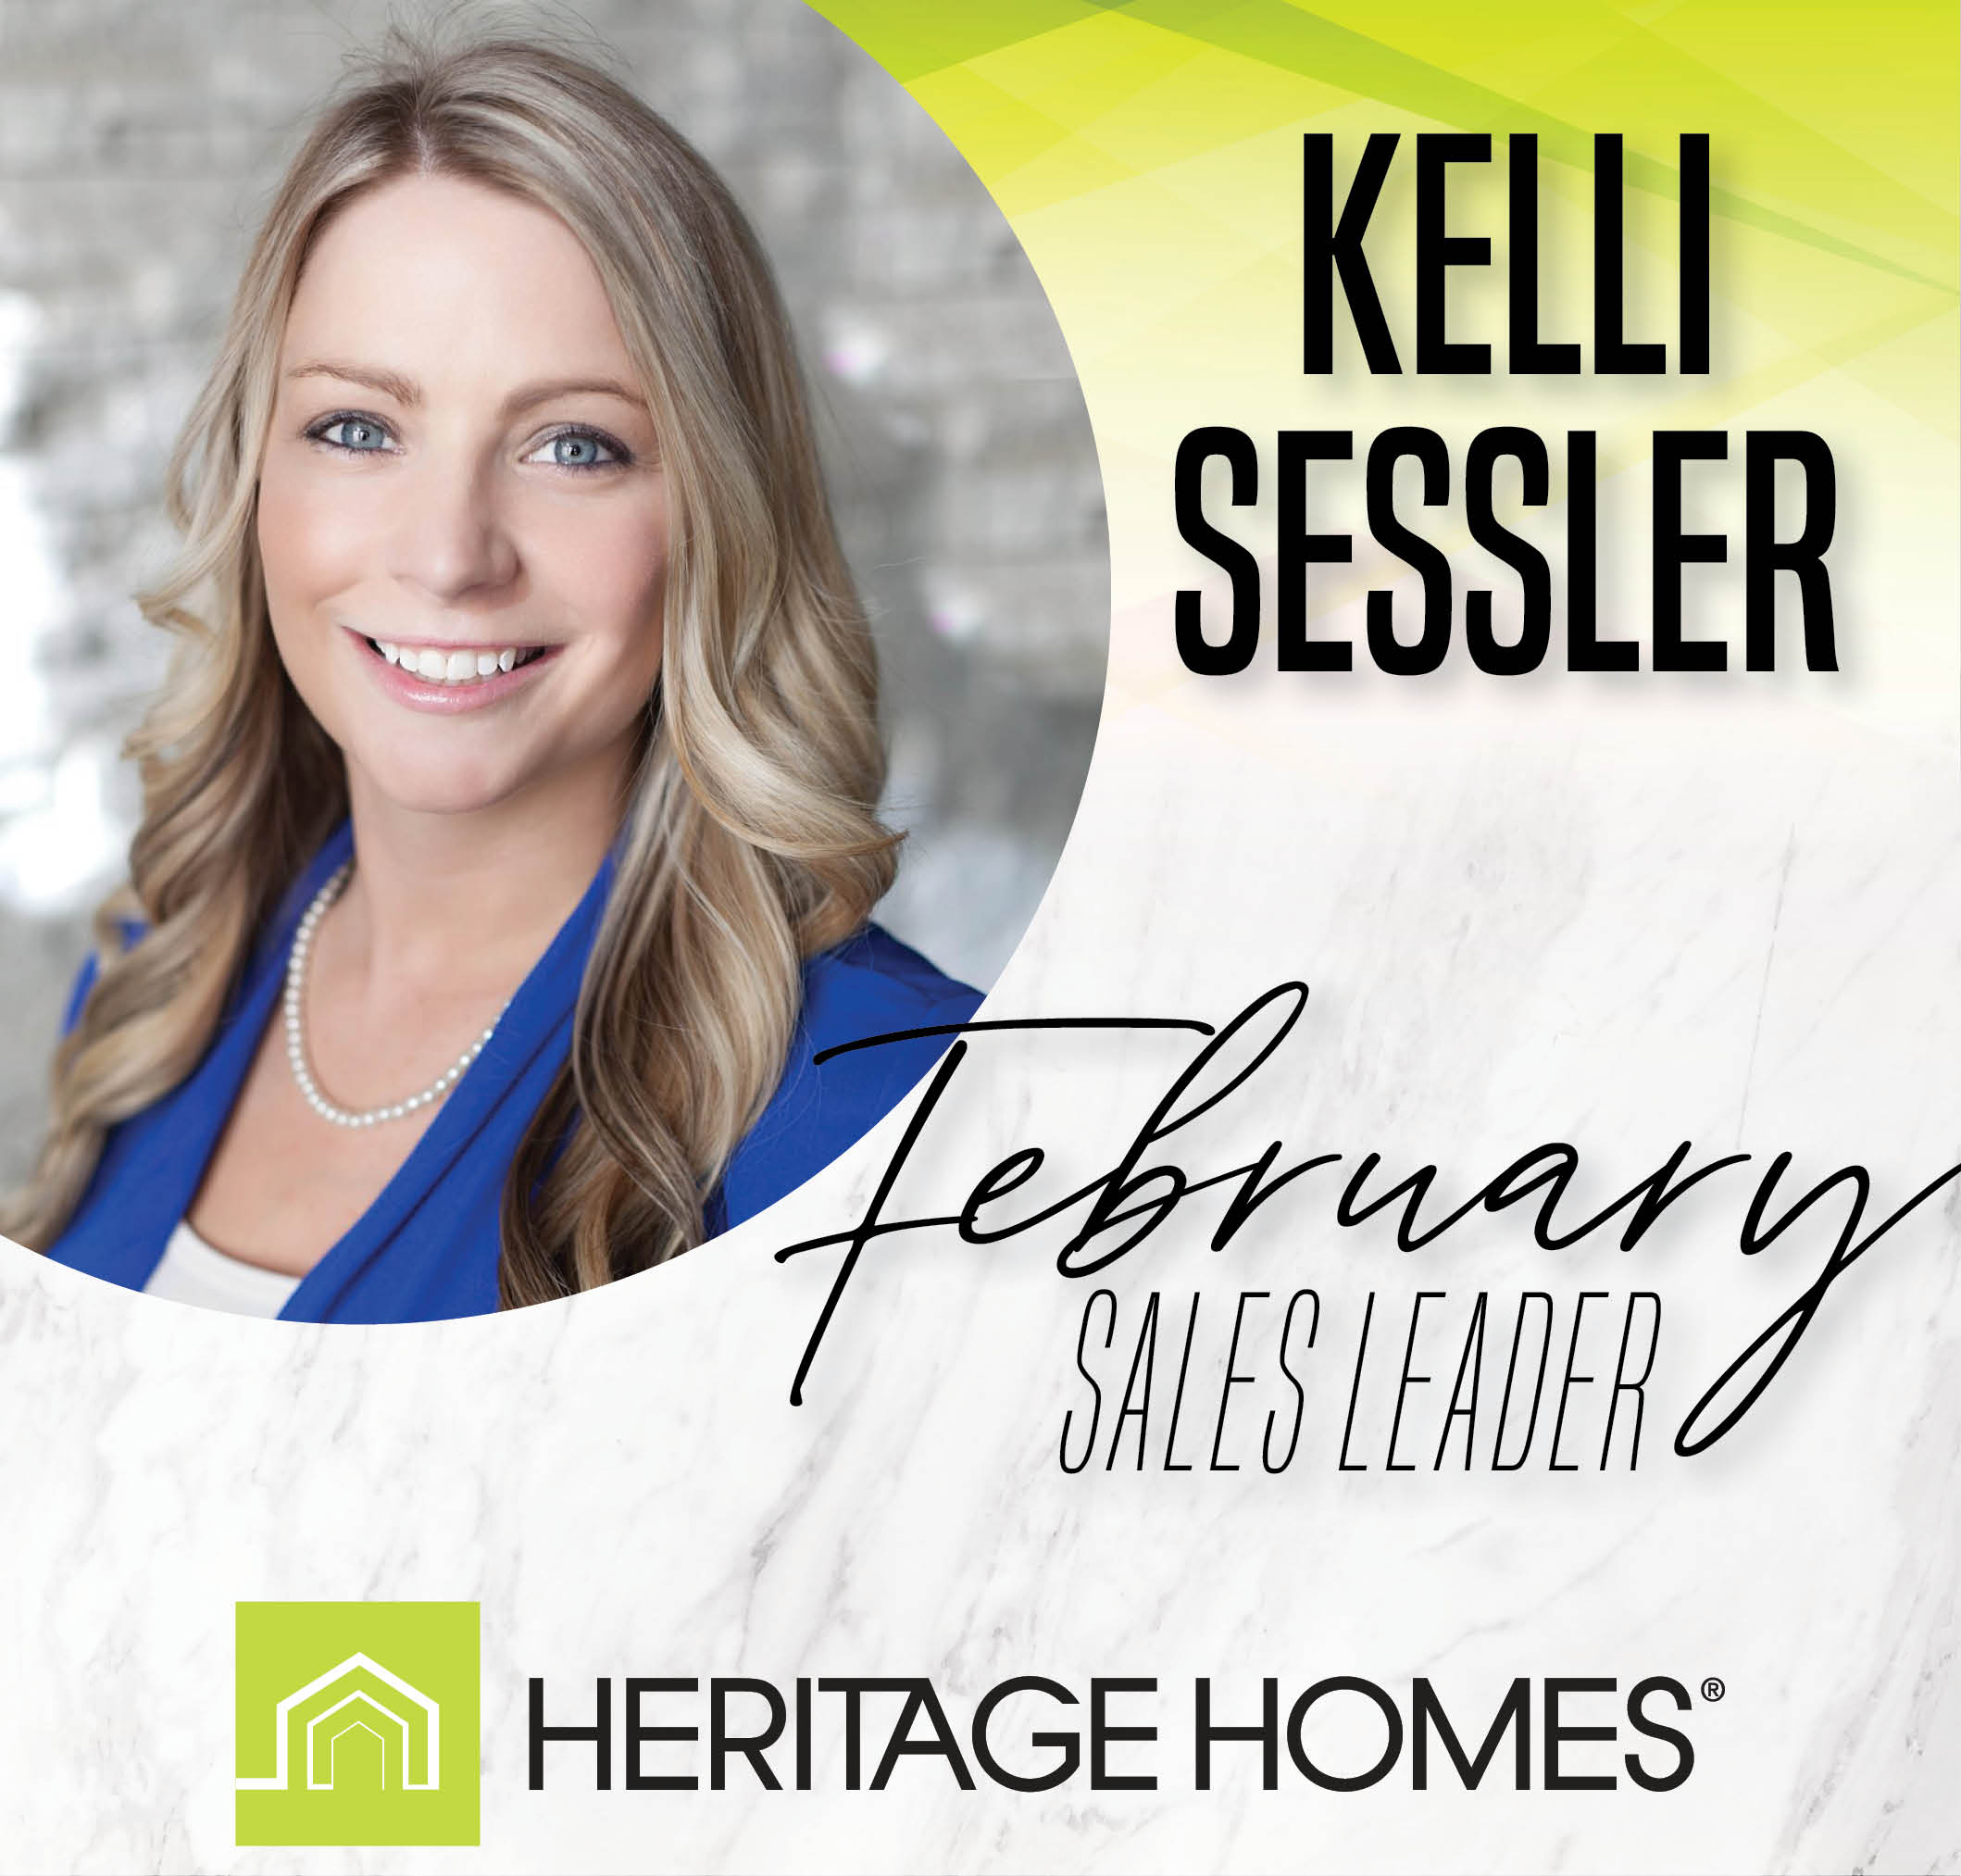 February Sales Leader – Kelli Sessler